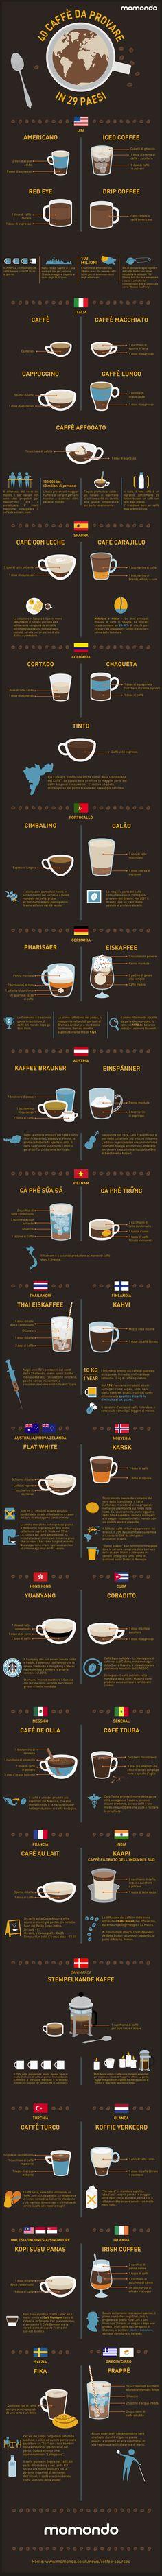 20 Curiosità sul caffè che forse non conoscete + 1 INFOGRAFICA - GIZZETA